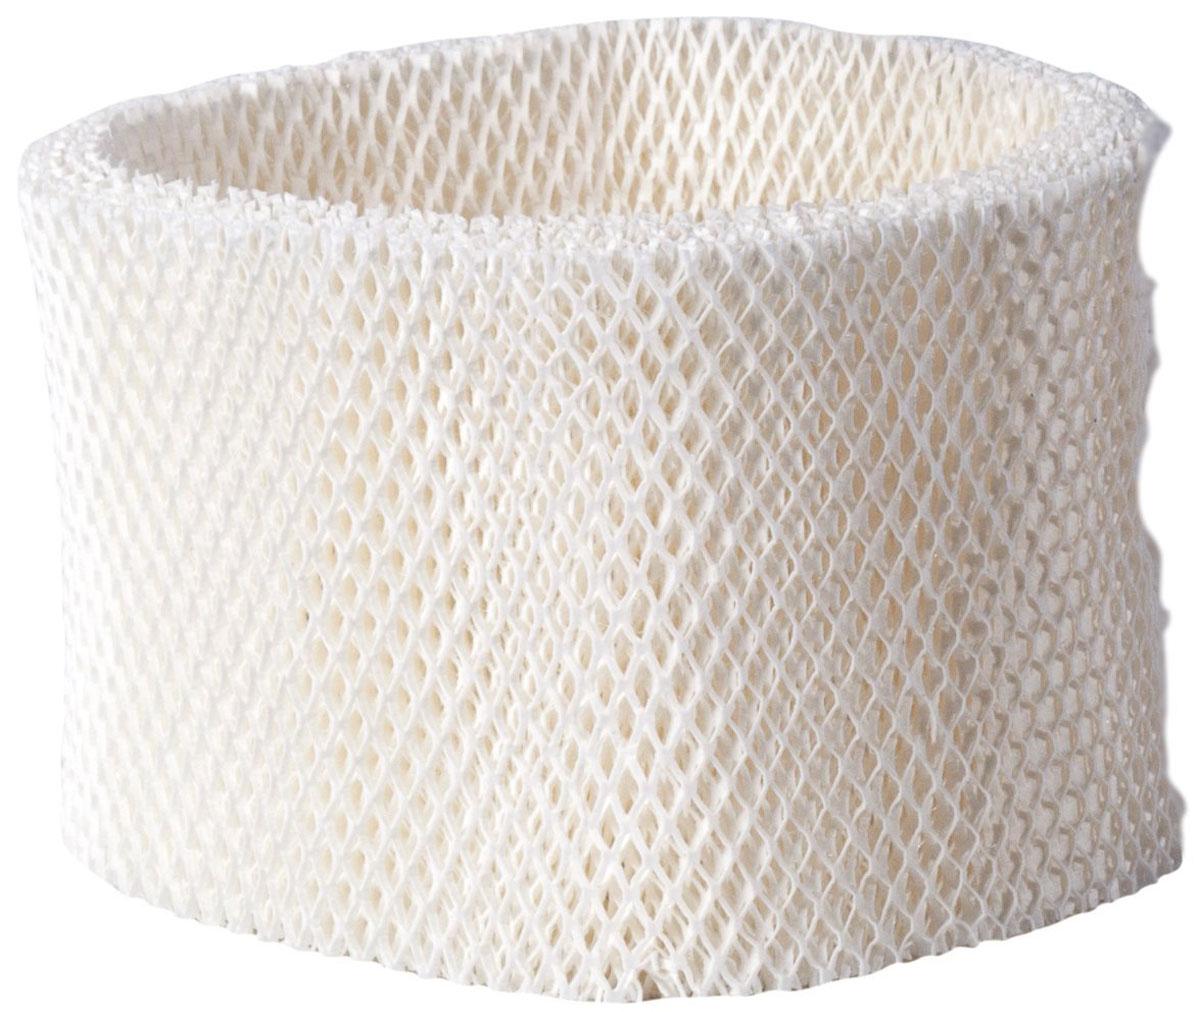 Boneco A7018 Filter Matt фильтр увлажняющий для E2441НС-0070586Фильтр увлажняющий А7018 выполняет роль префильтра, поэтому обрабатываемый воздух получает двойной эффект: эффективное увлажнение воздуха и фильтрация воздуха от крупных загрязняющих веществ (пылевые частички, волоски, шерстинки и т.д.). Антибактериальная пропитка препятствует размножению микробов в самом фильтре. Срок эксплуатации определяется степенью загрязнения и составляет в среднем 3-4 месяца.